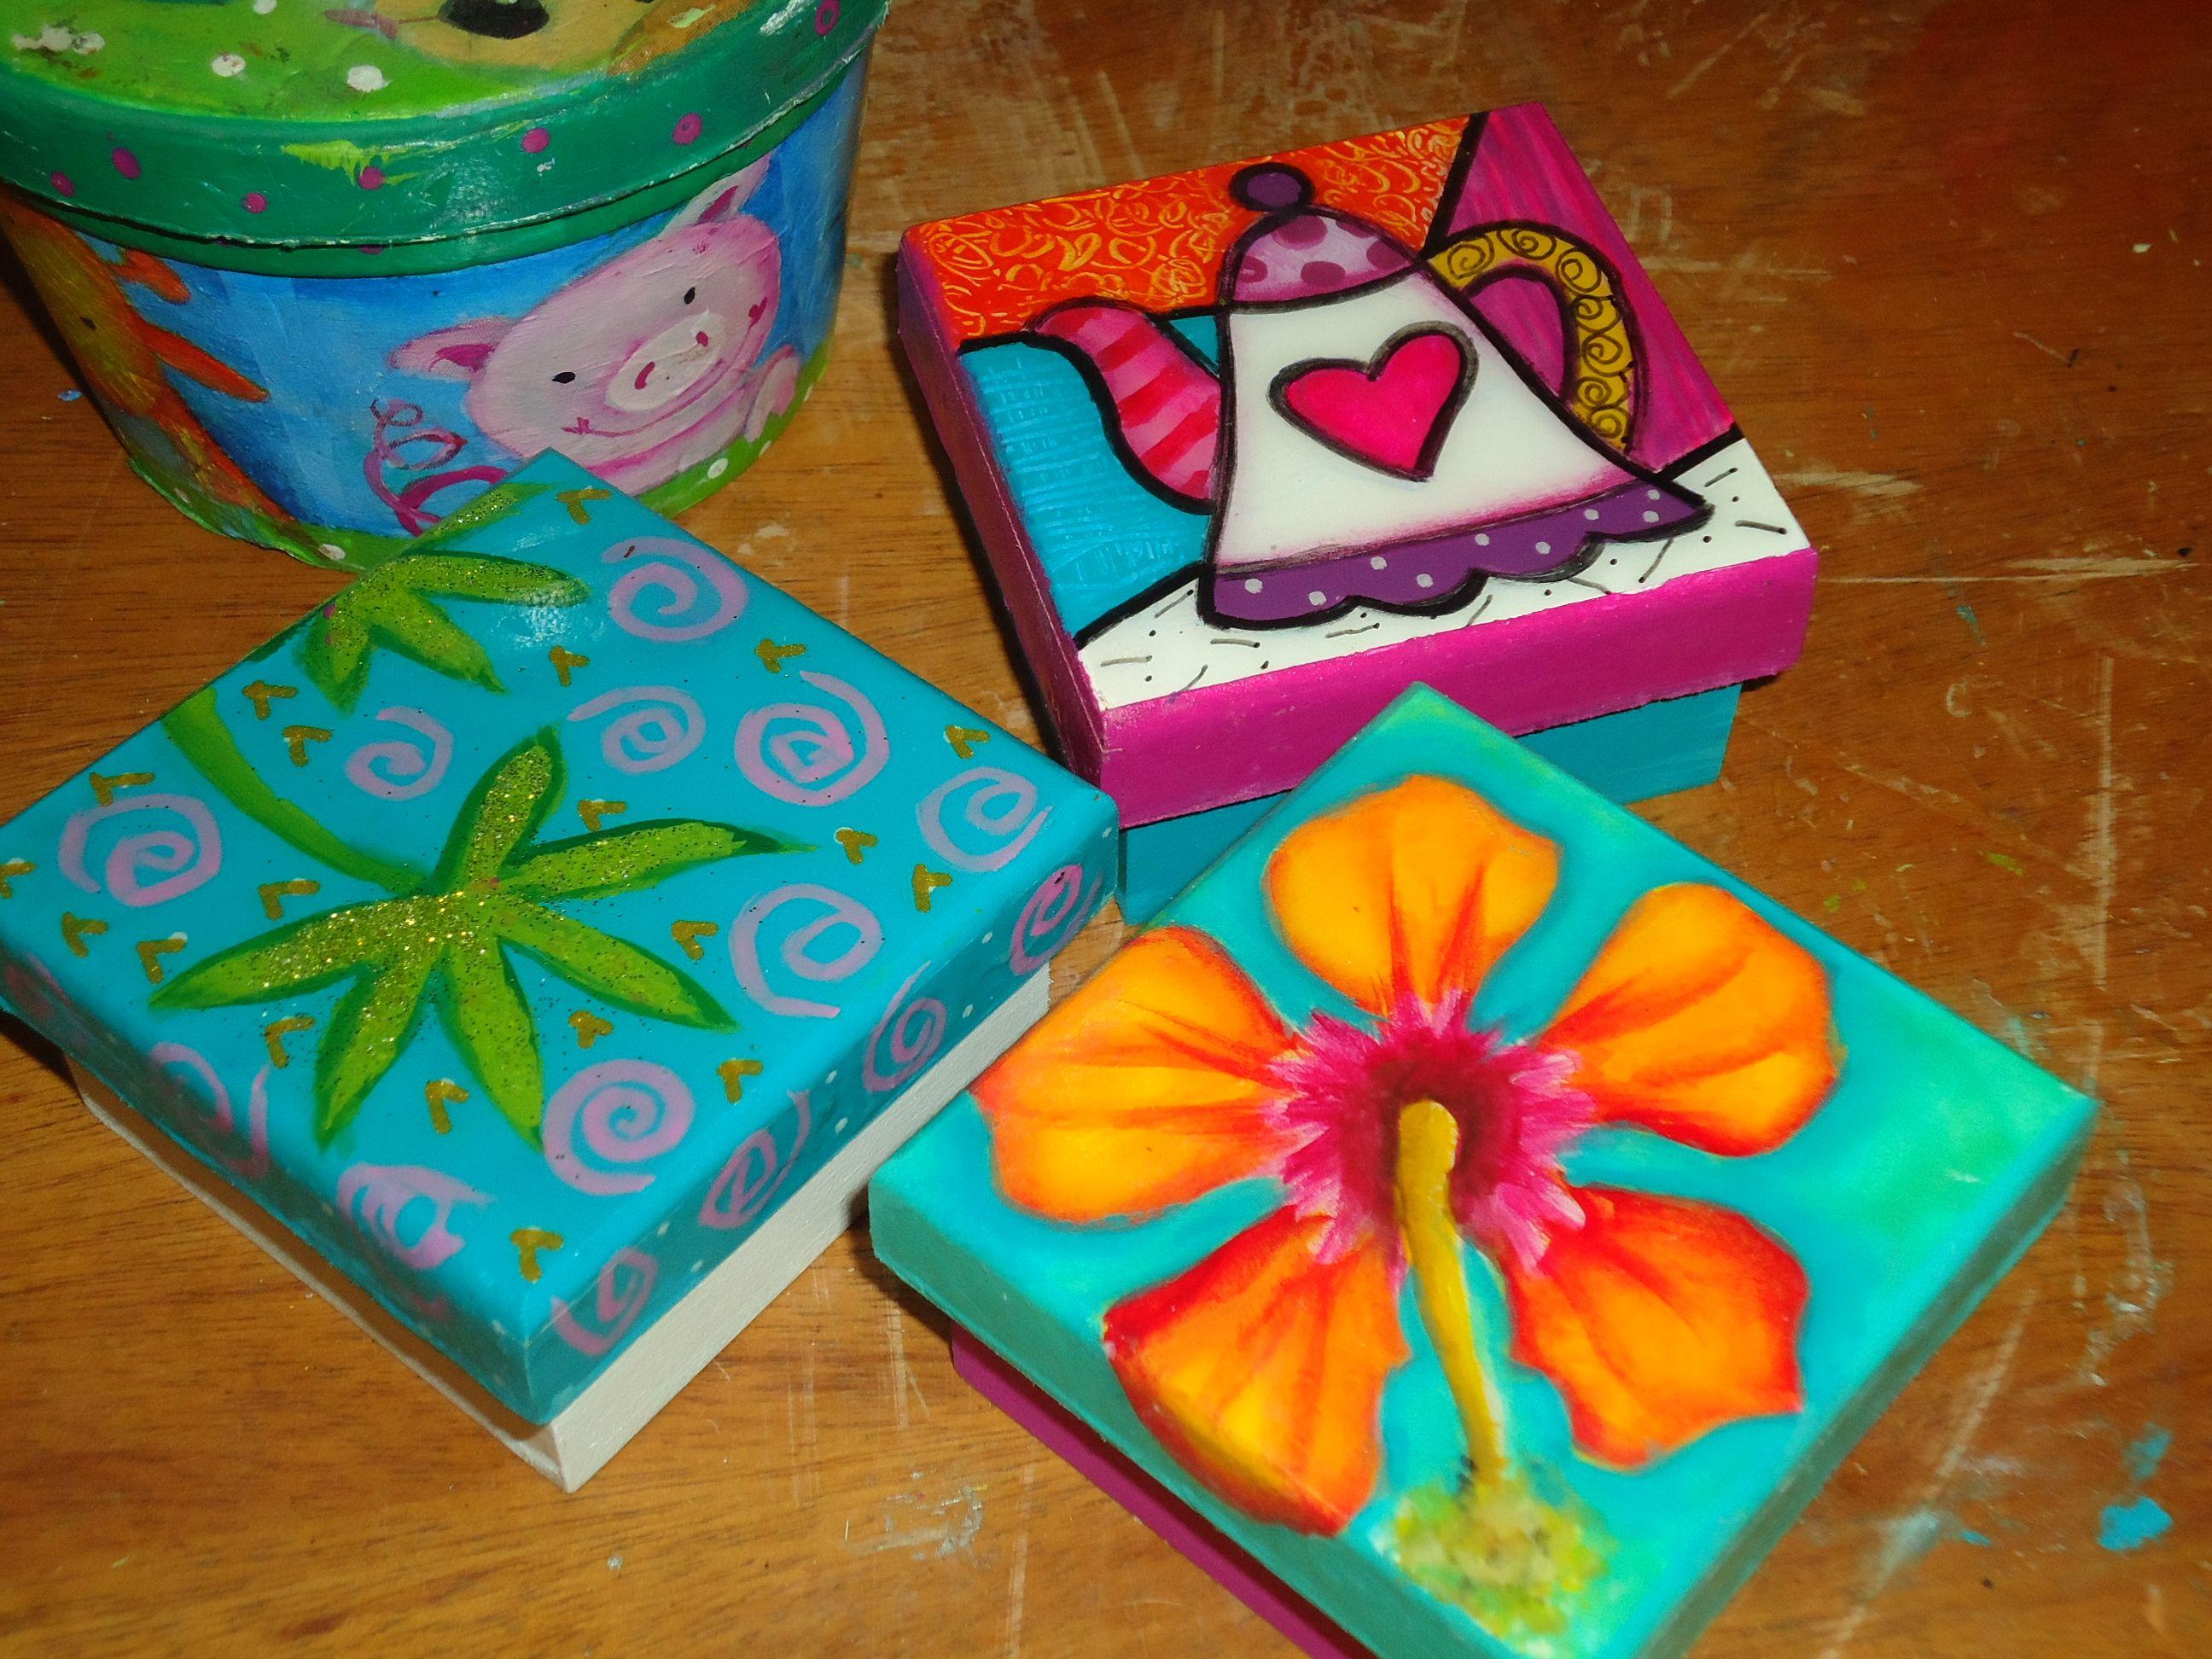 Cajas en mdf pintadas a mano cajas decorativas - Cajas decoradas a mano ...